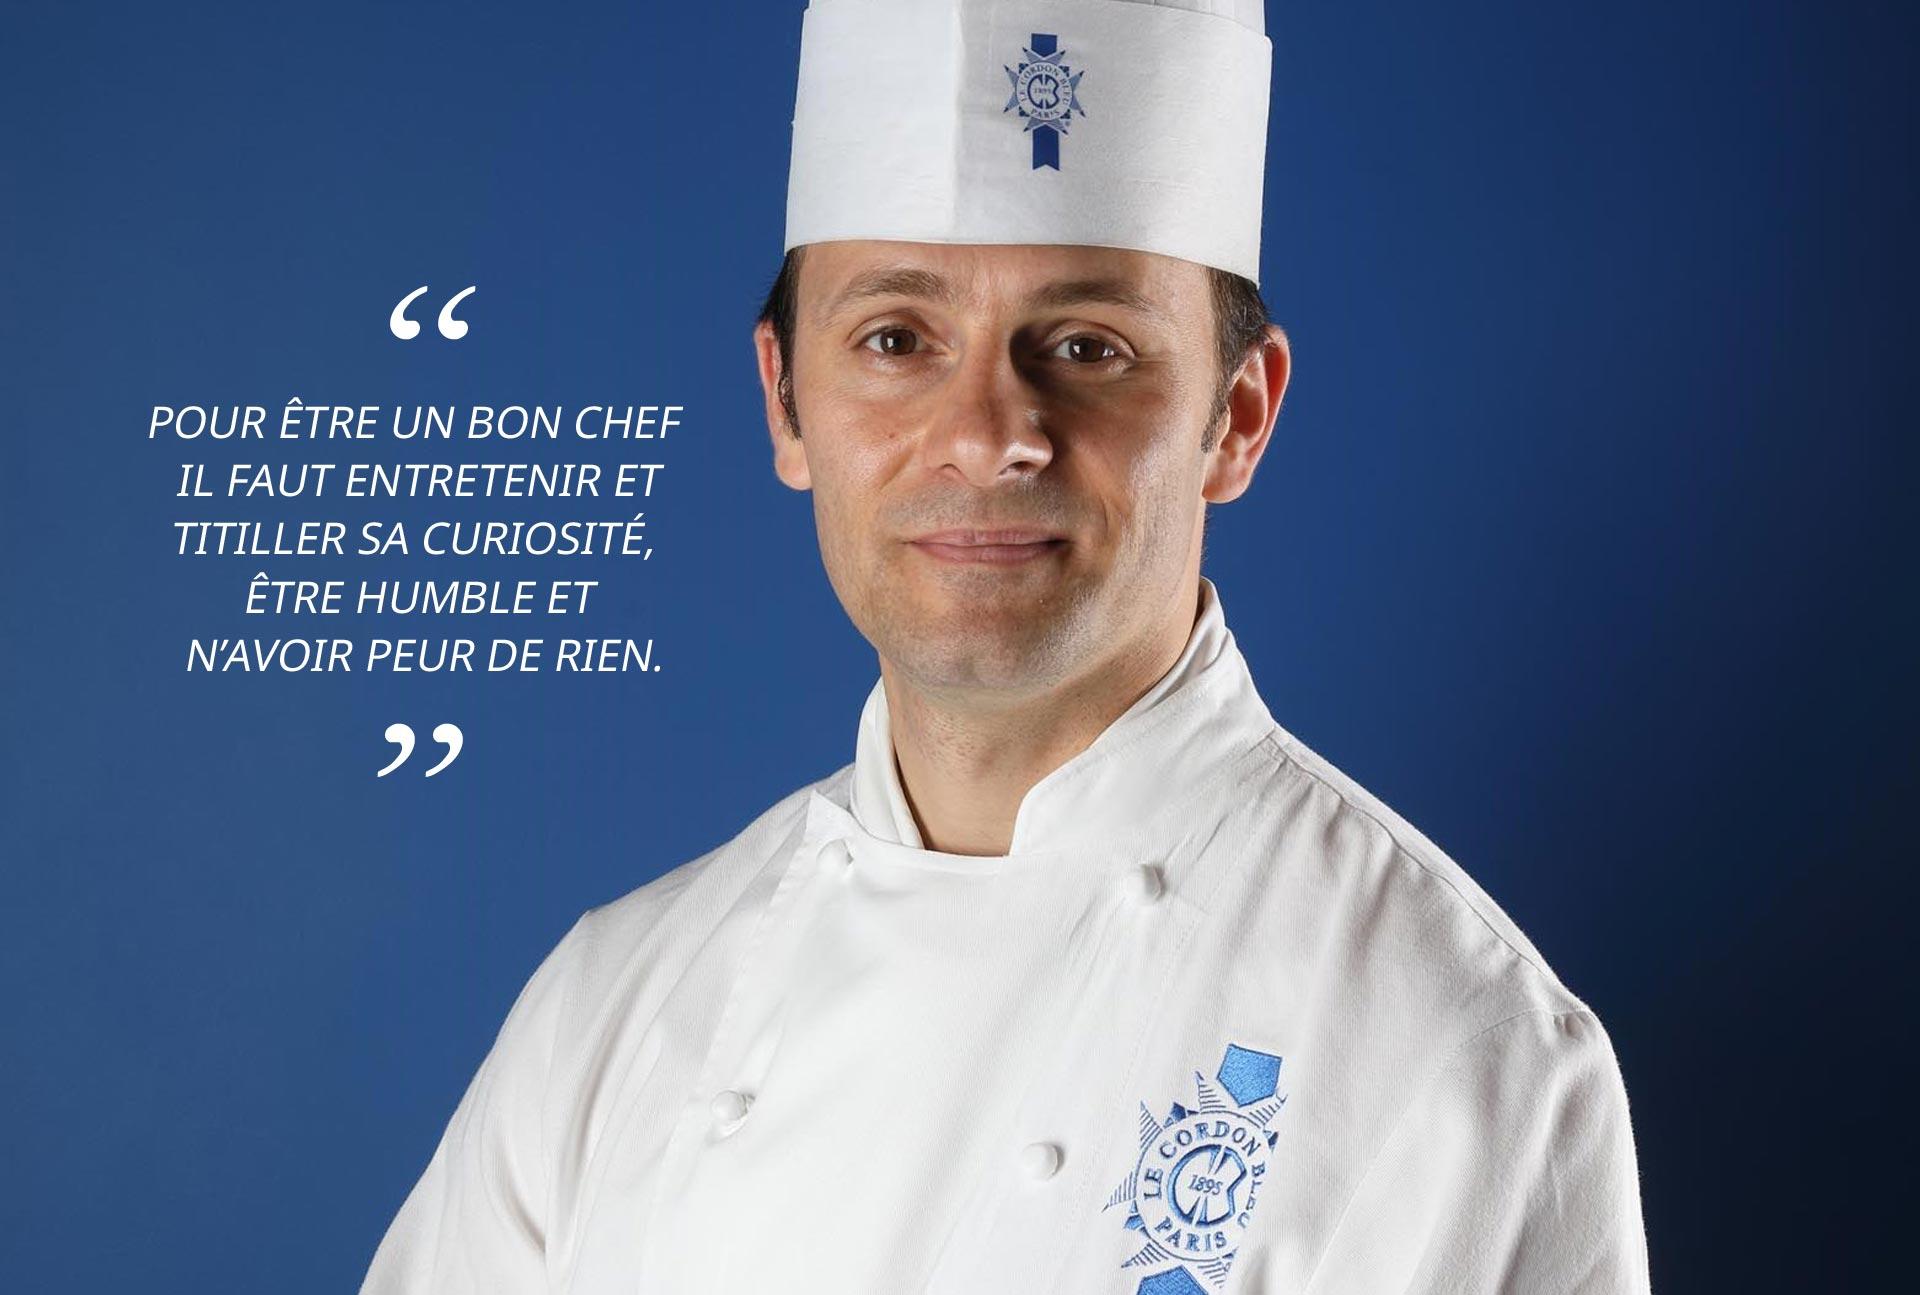 Guillaume Siegler chef cuisinier